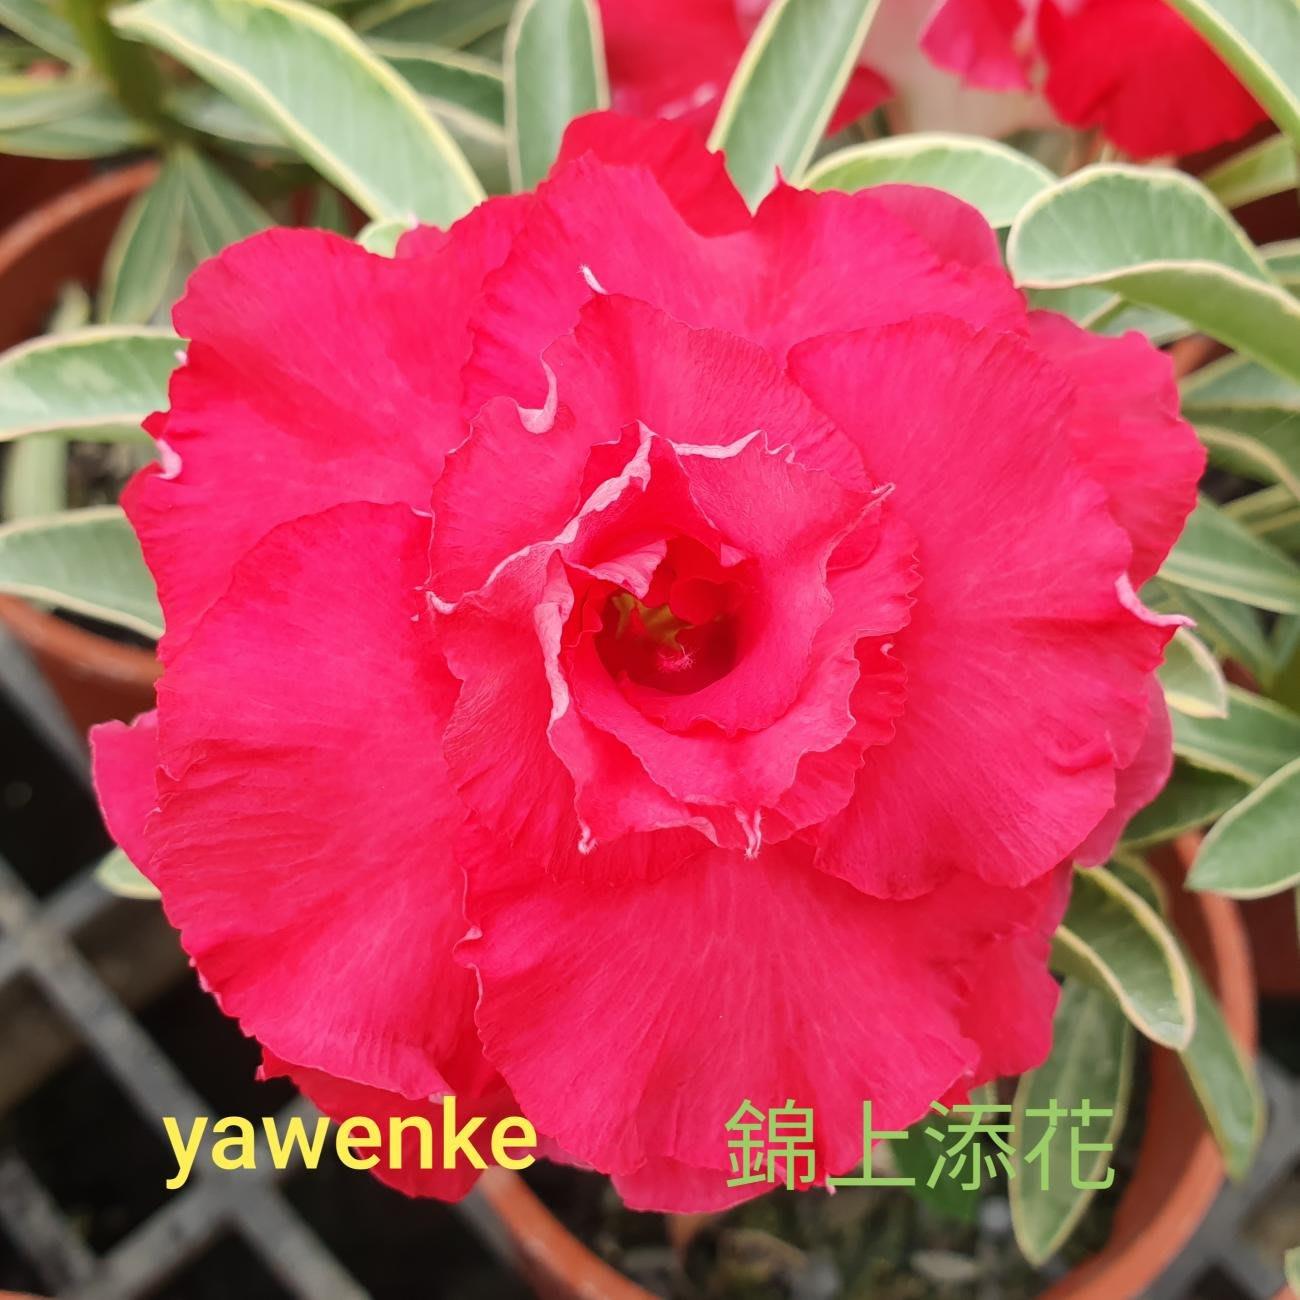 欣采園藝   沙漠玫瑰   富貴花   耐旱植物   重瓣品種~~錦上添花